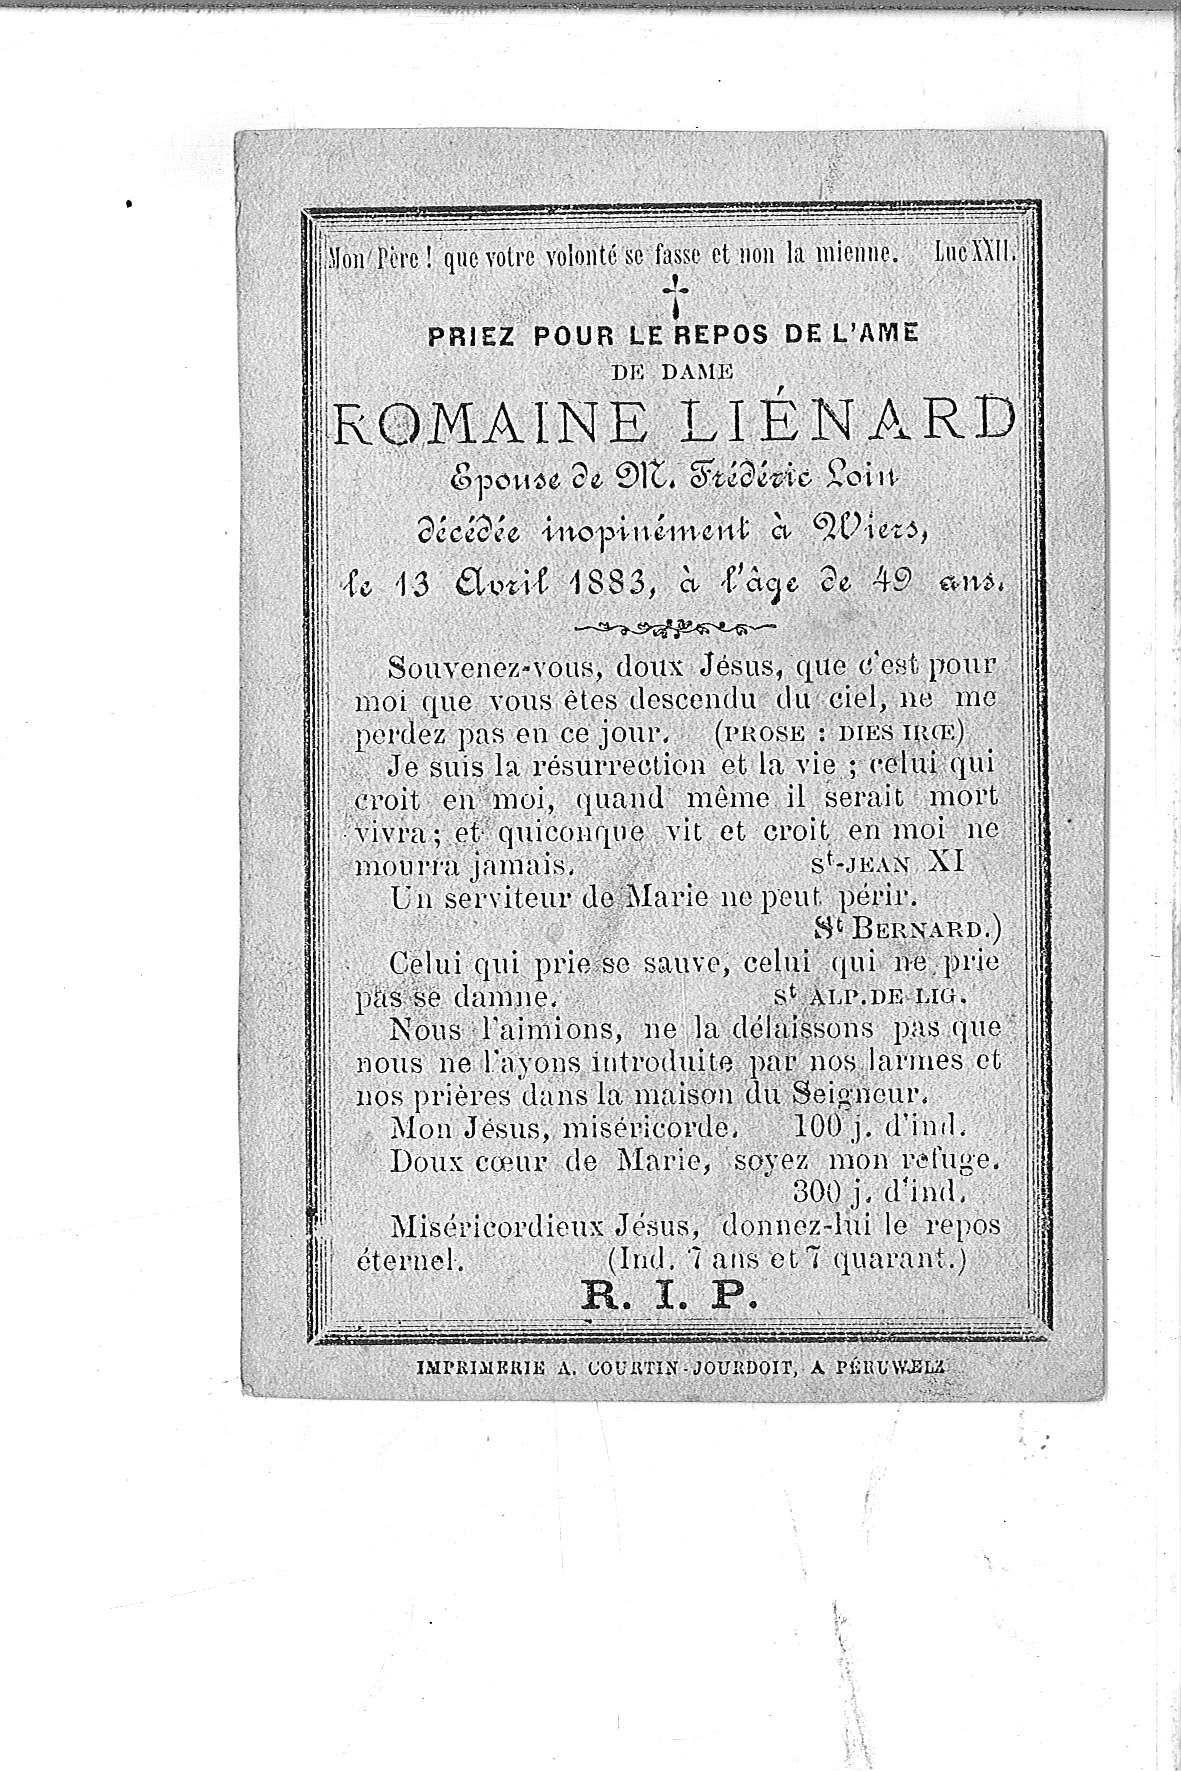 Romaine(1883)20130724153553_00004.jpg